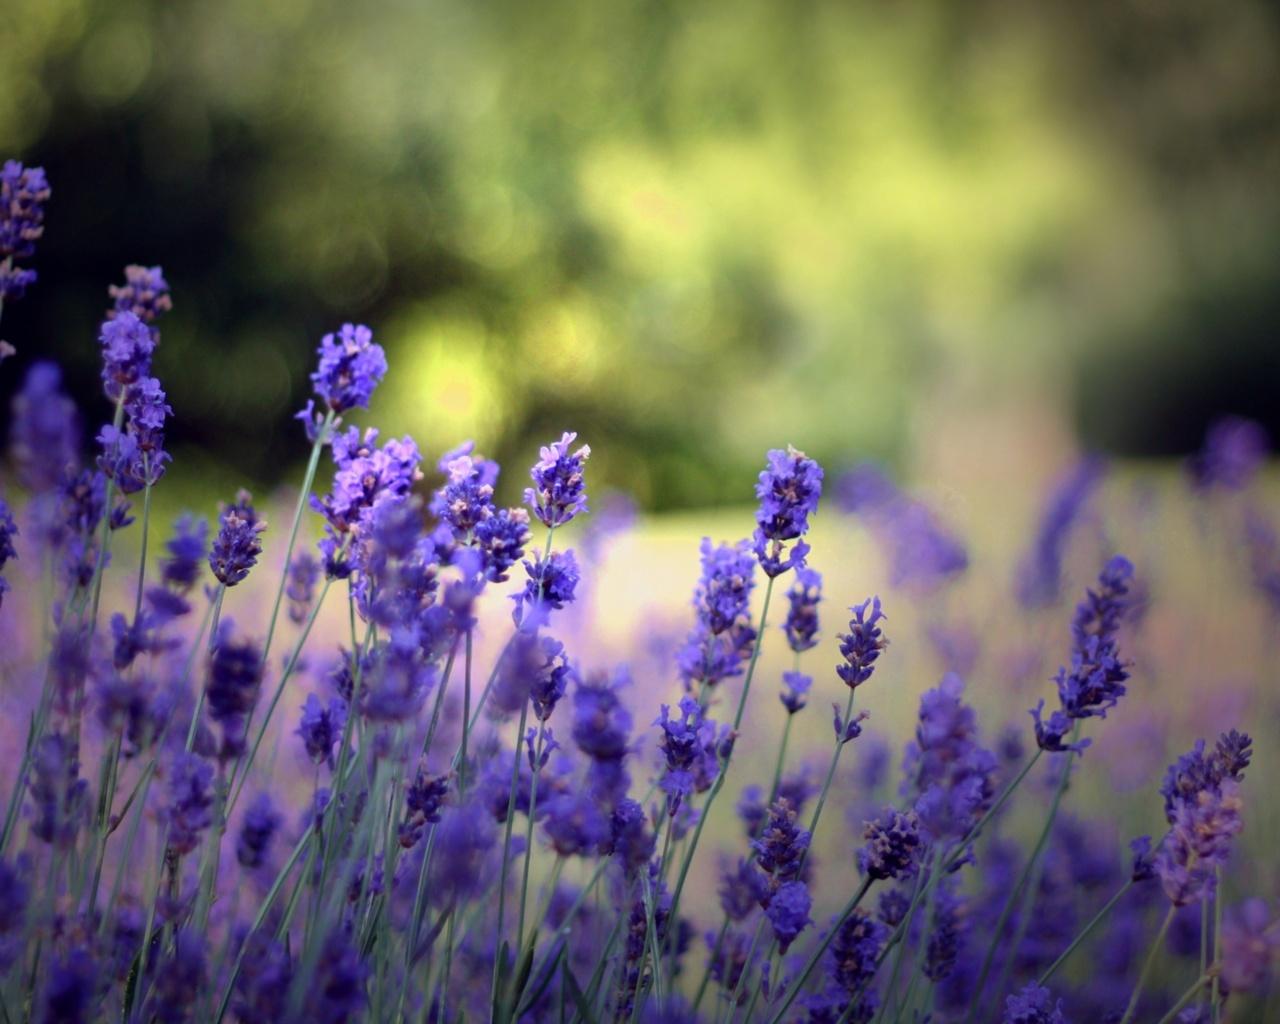 Фото фиолетовые полевые цветы лаванды